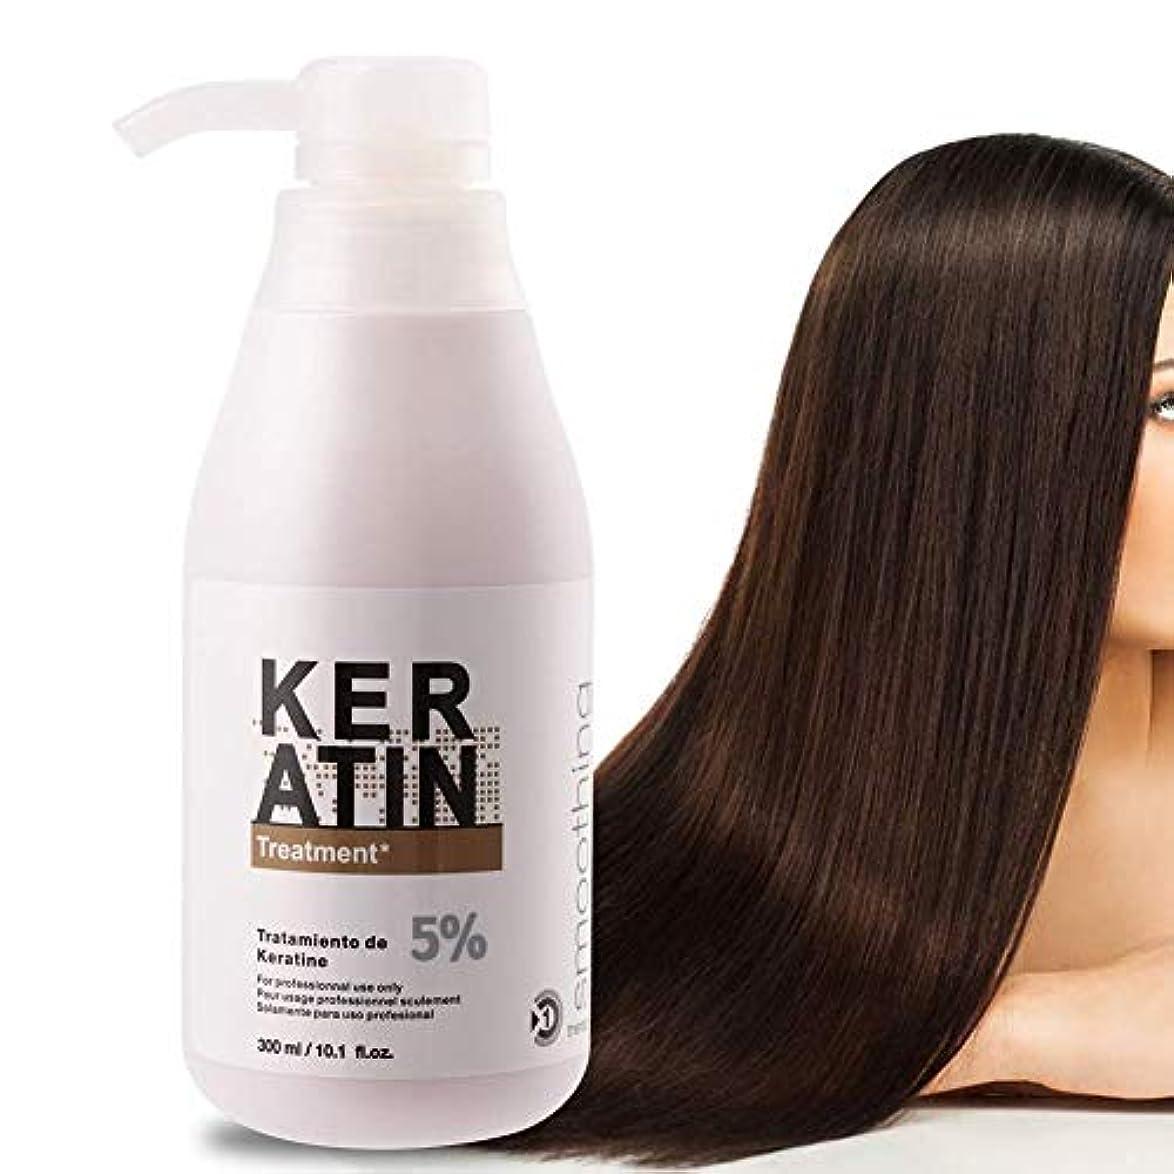 振幅レコーダー私達ケラチンブラジリアンヘアトリートメントホルマリン5%ケラチンシャンプー300ml (女性と男性用) Keratin Brazilian Hair Treatment Formalin 5% Keratin Shampoo...